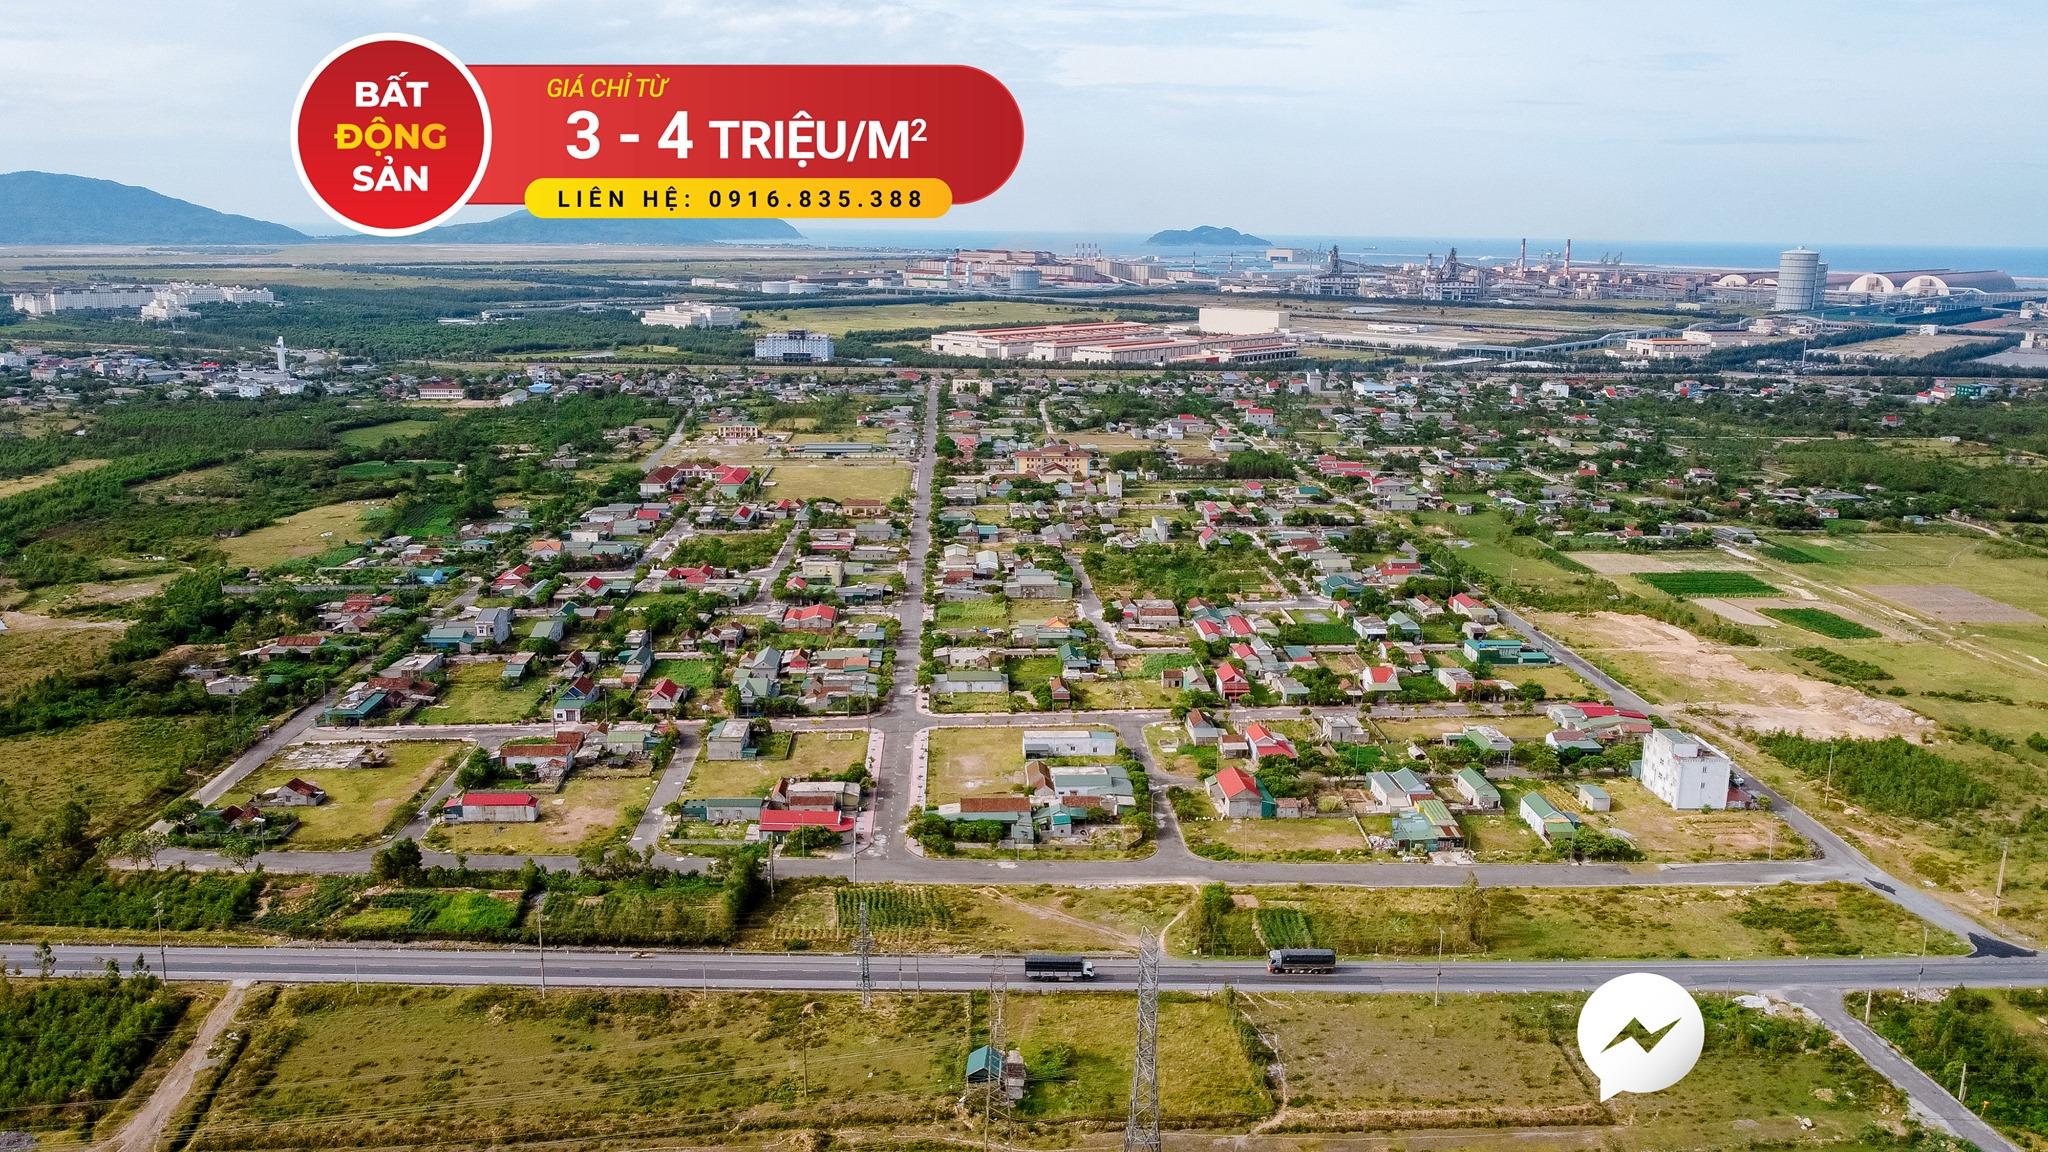 Cần bán Đất đường Quốc lộ 1A, Xã Kỳ Phương, Diện tích 190m², Giá 390.000.000 Triệu - LH: 0916835388